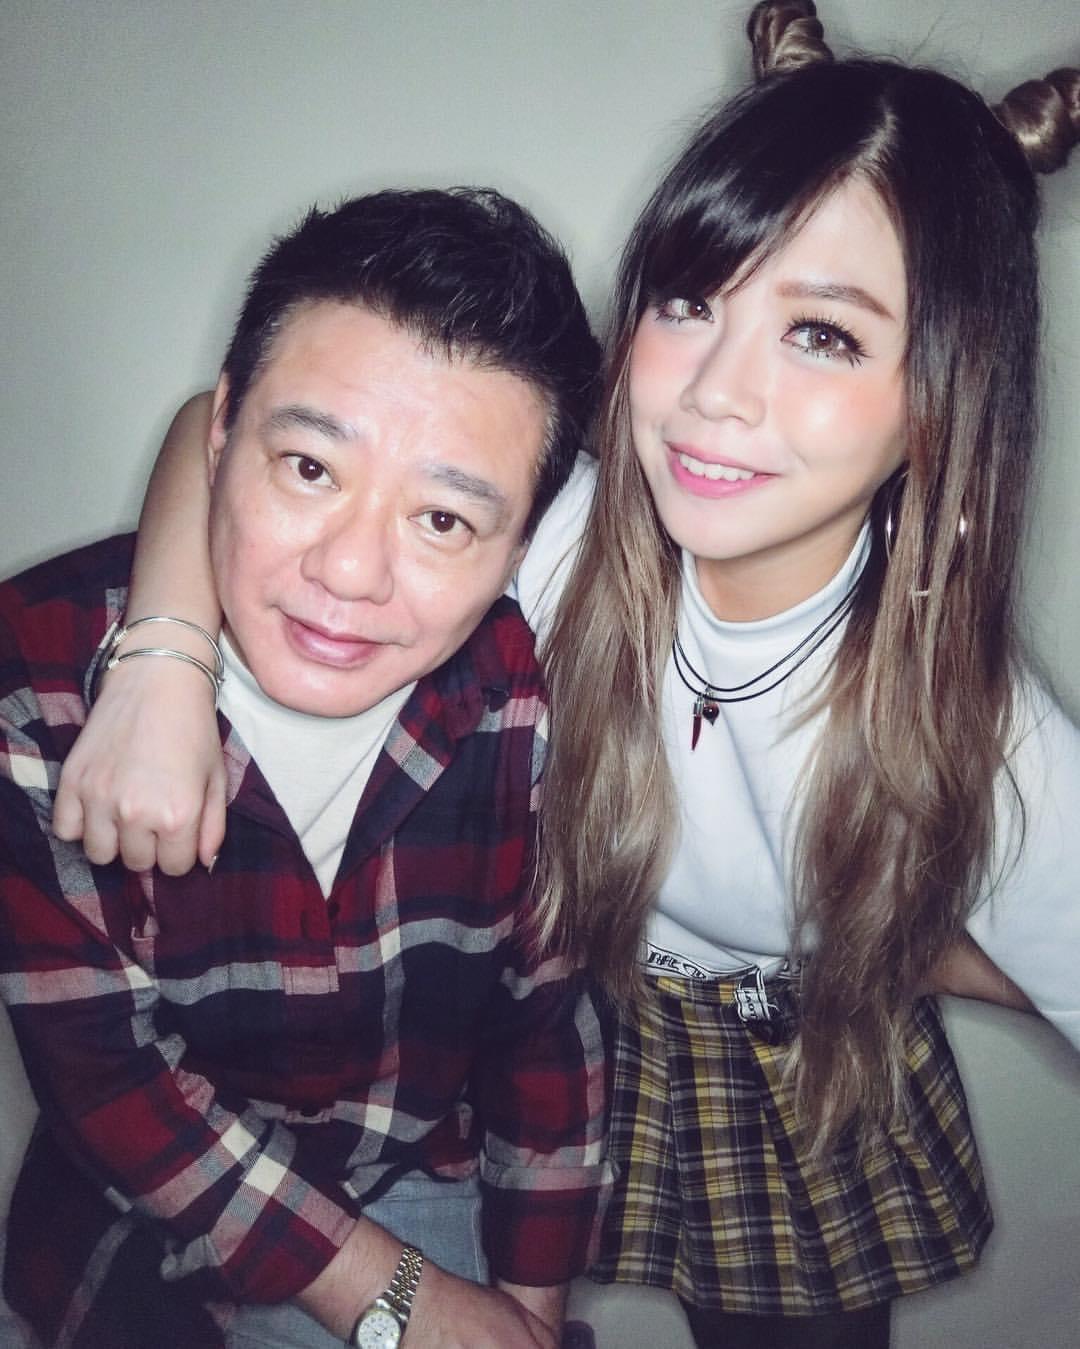 林吟蔚(右)表示當年因為父親安迪(左)的一句話才能讓自己堅持至今。(翻攝自林吟蔚臉書)